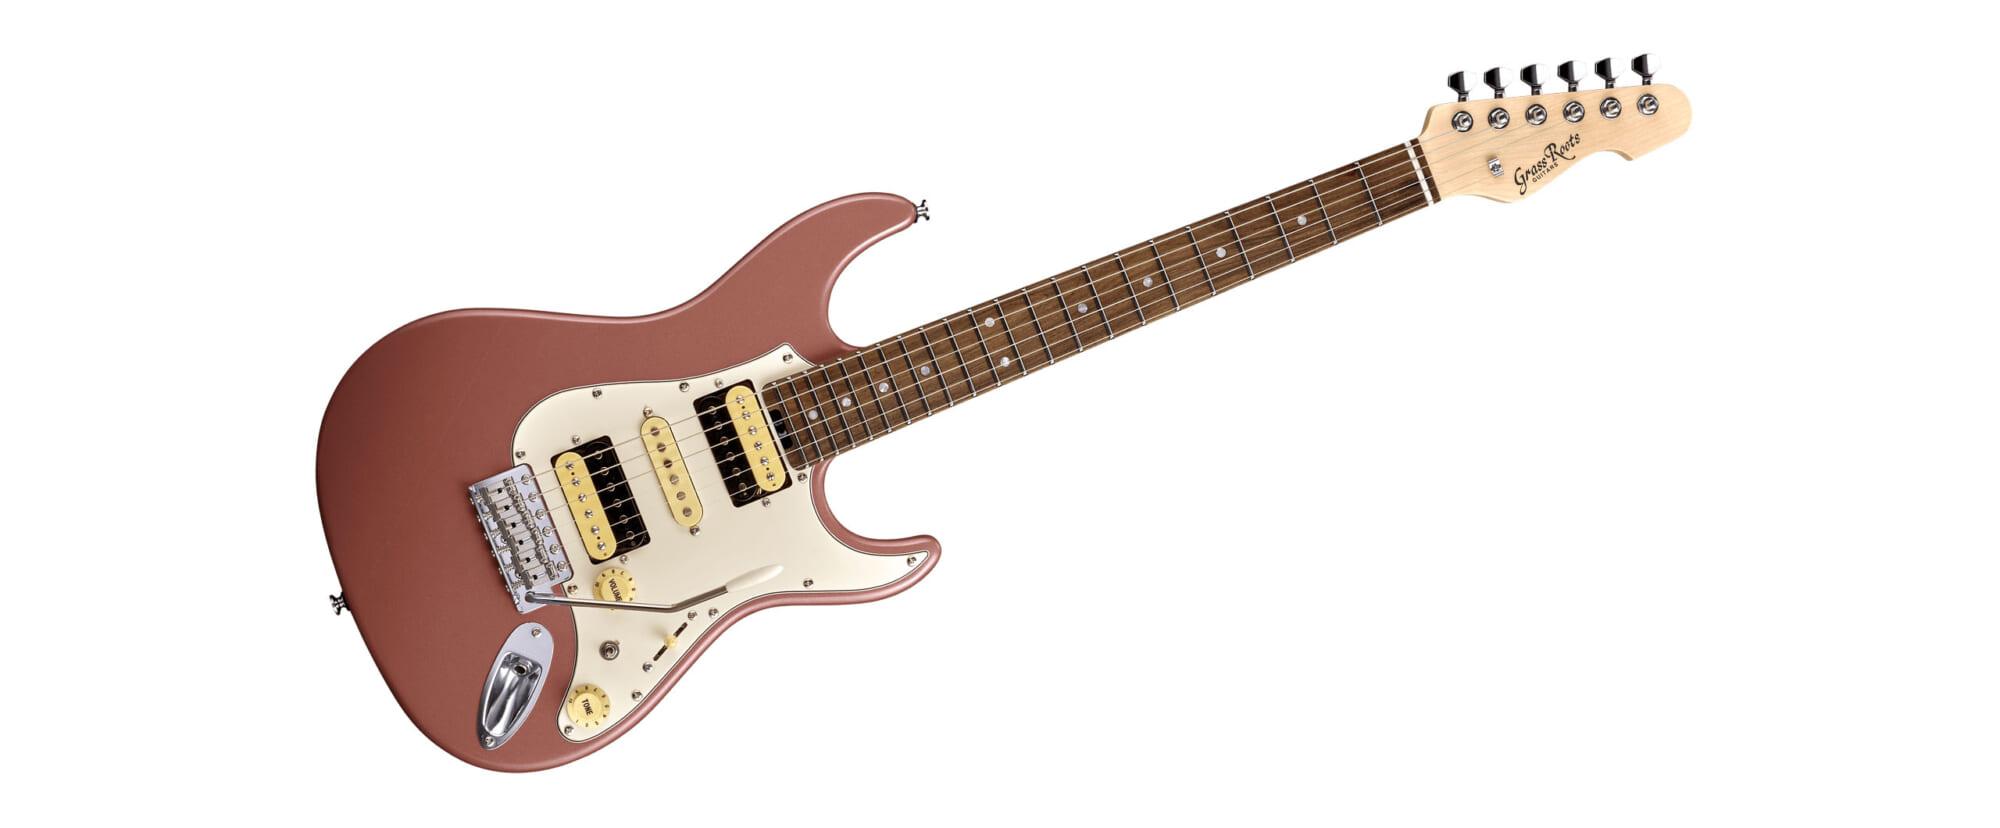 藤岡幹大の新たなシグネチャー・ギターがGrassRootsより登場